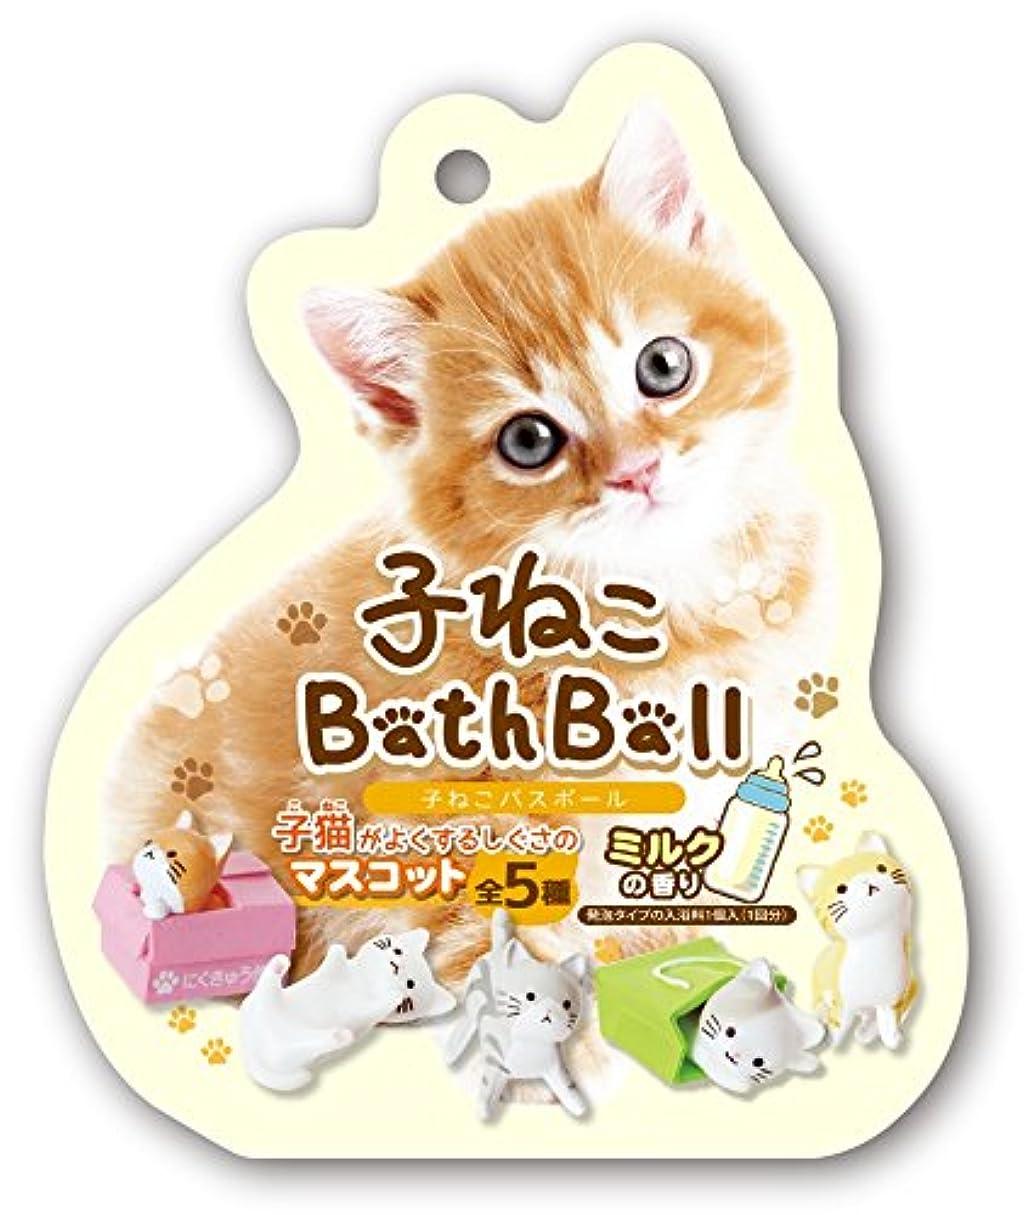 エコースプレーゲートウェイノルコーポレーション 入浴剤 こねこ バスボール ミルクの香り 50g OB-NEB-2-1